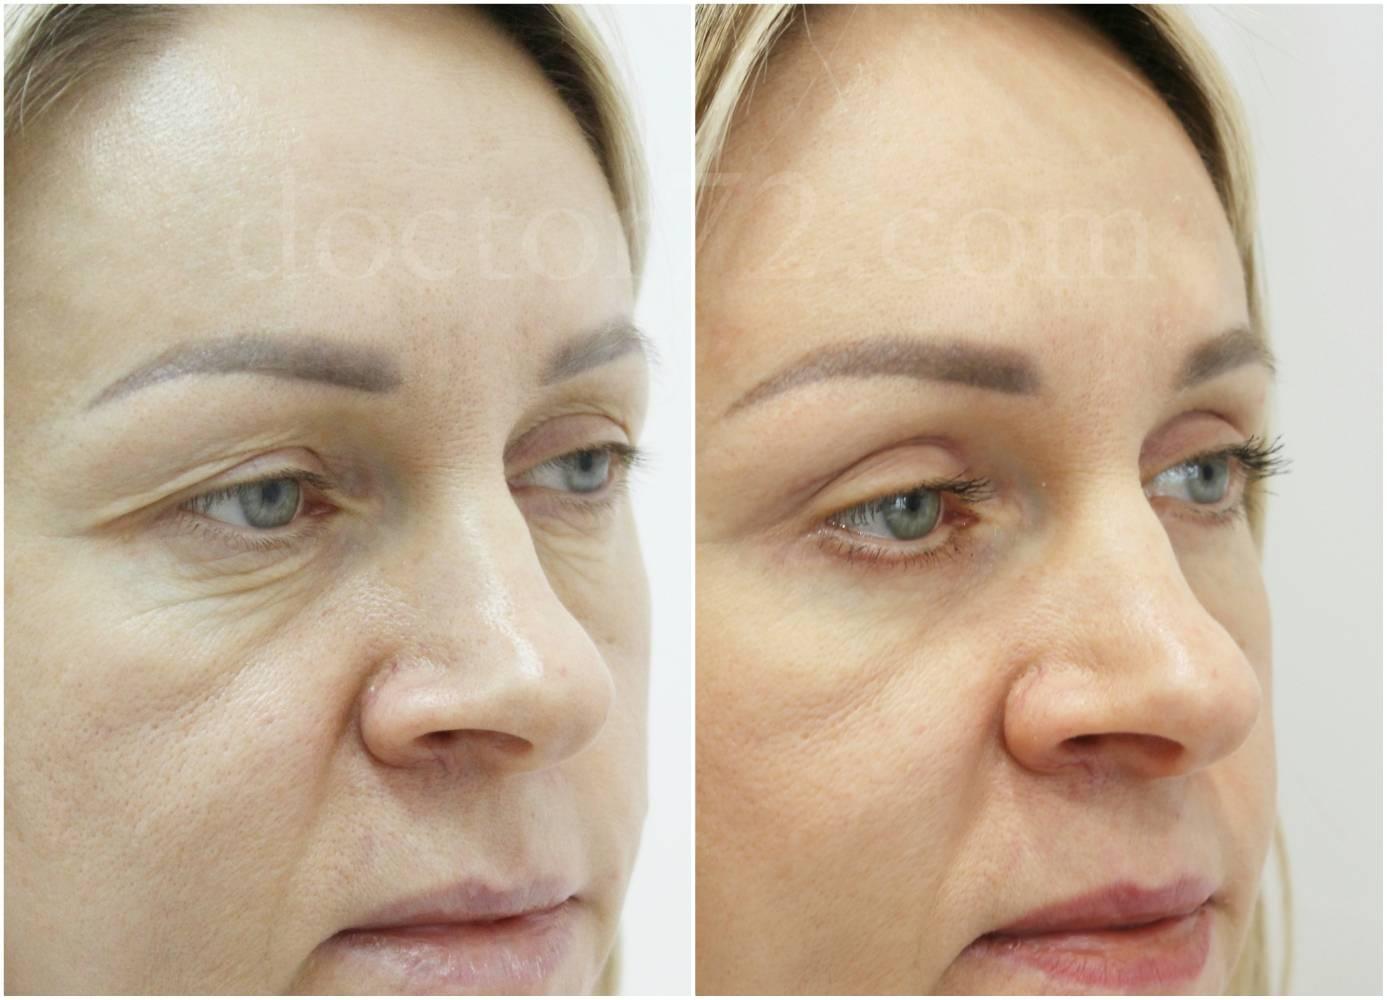 Убрать грыжи под глазами без операции, как избавиться от мешков